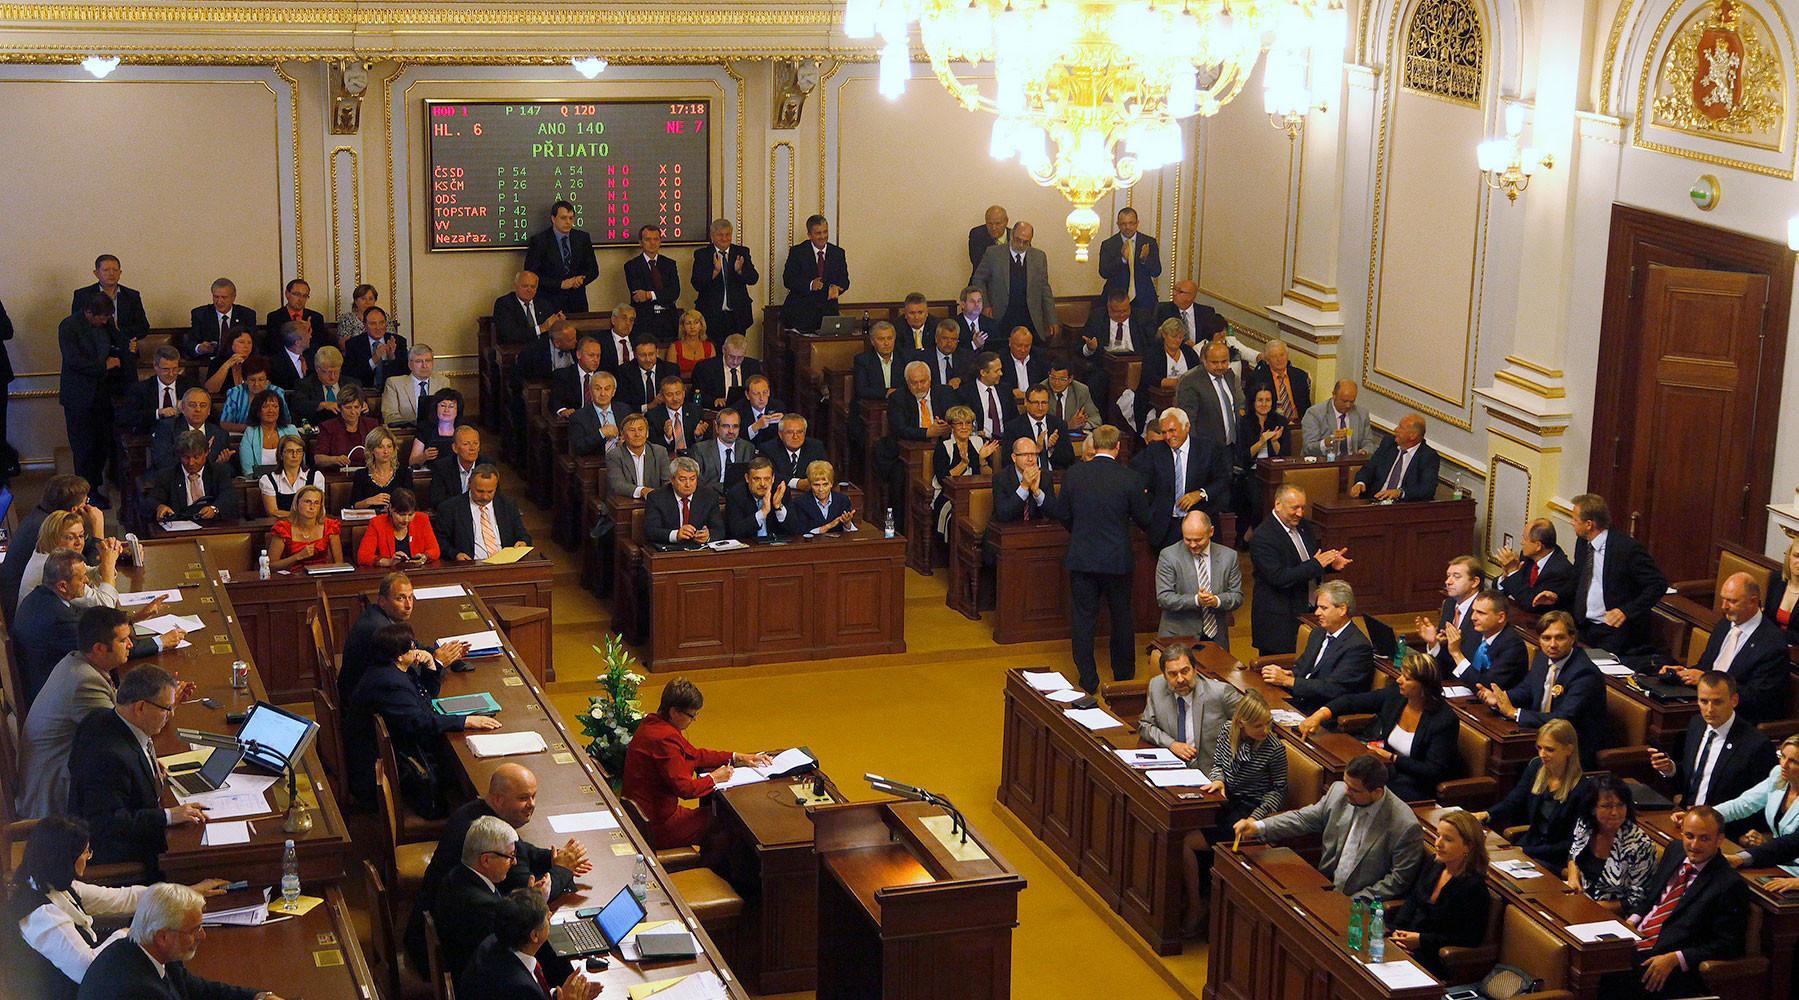 Руководитель движения АНО желает неменее решительной роли Чехии в EC